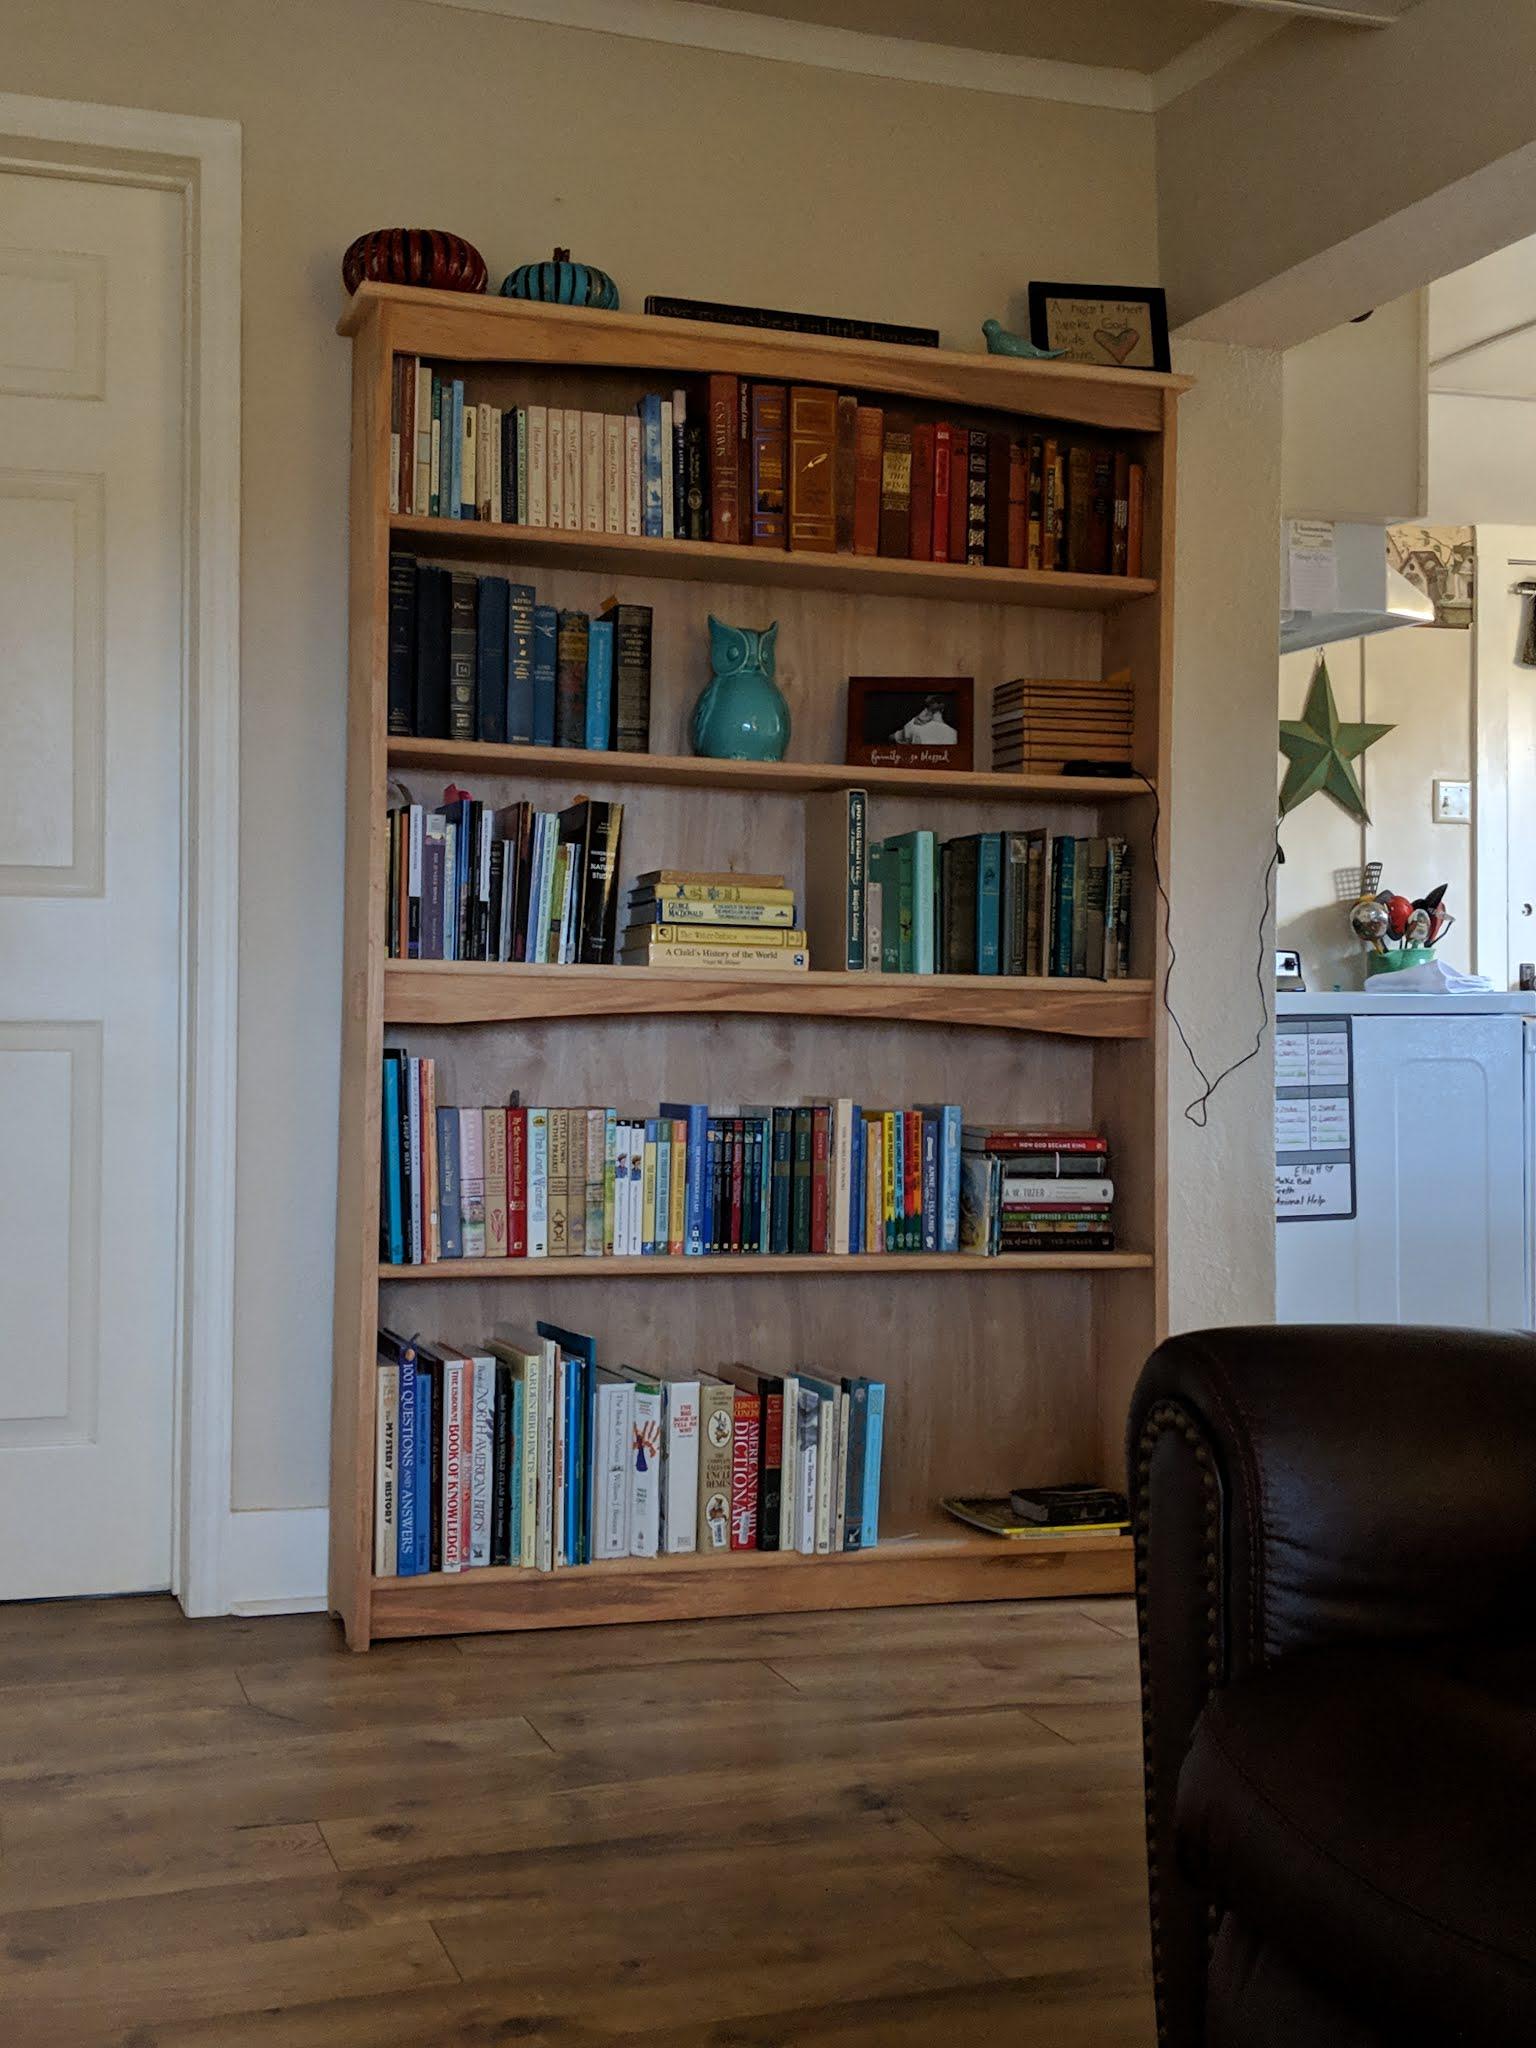 Bookshelves by Ben Simons